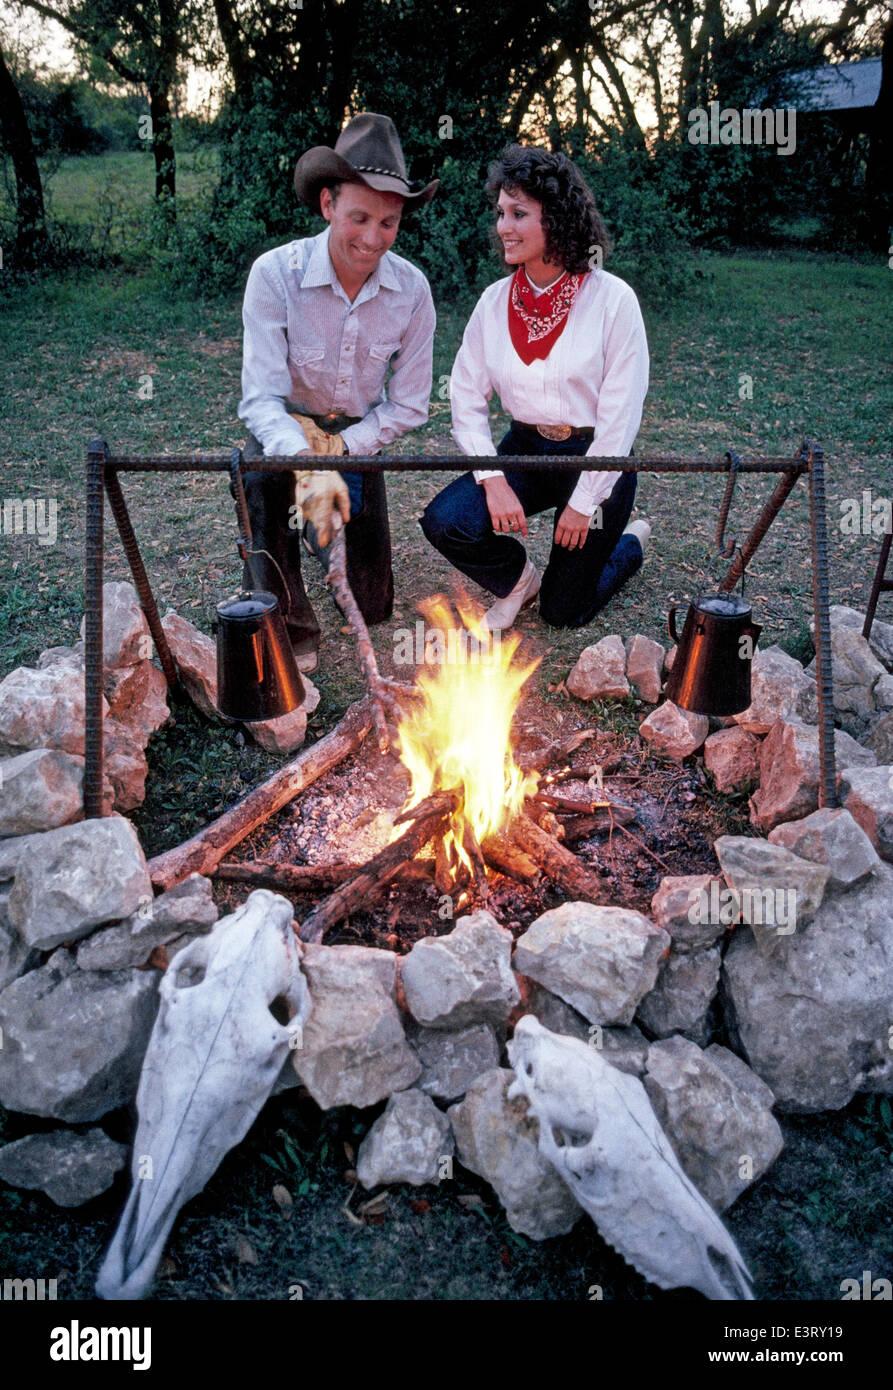 Eine amerikanische Cowboy und seine Freundin starten ein Abend am Lagerfeuer auf seinem Viehranch in der Nähe von Stockfoto